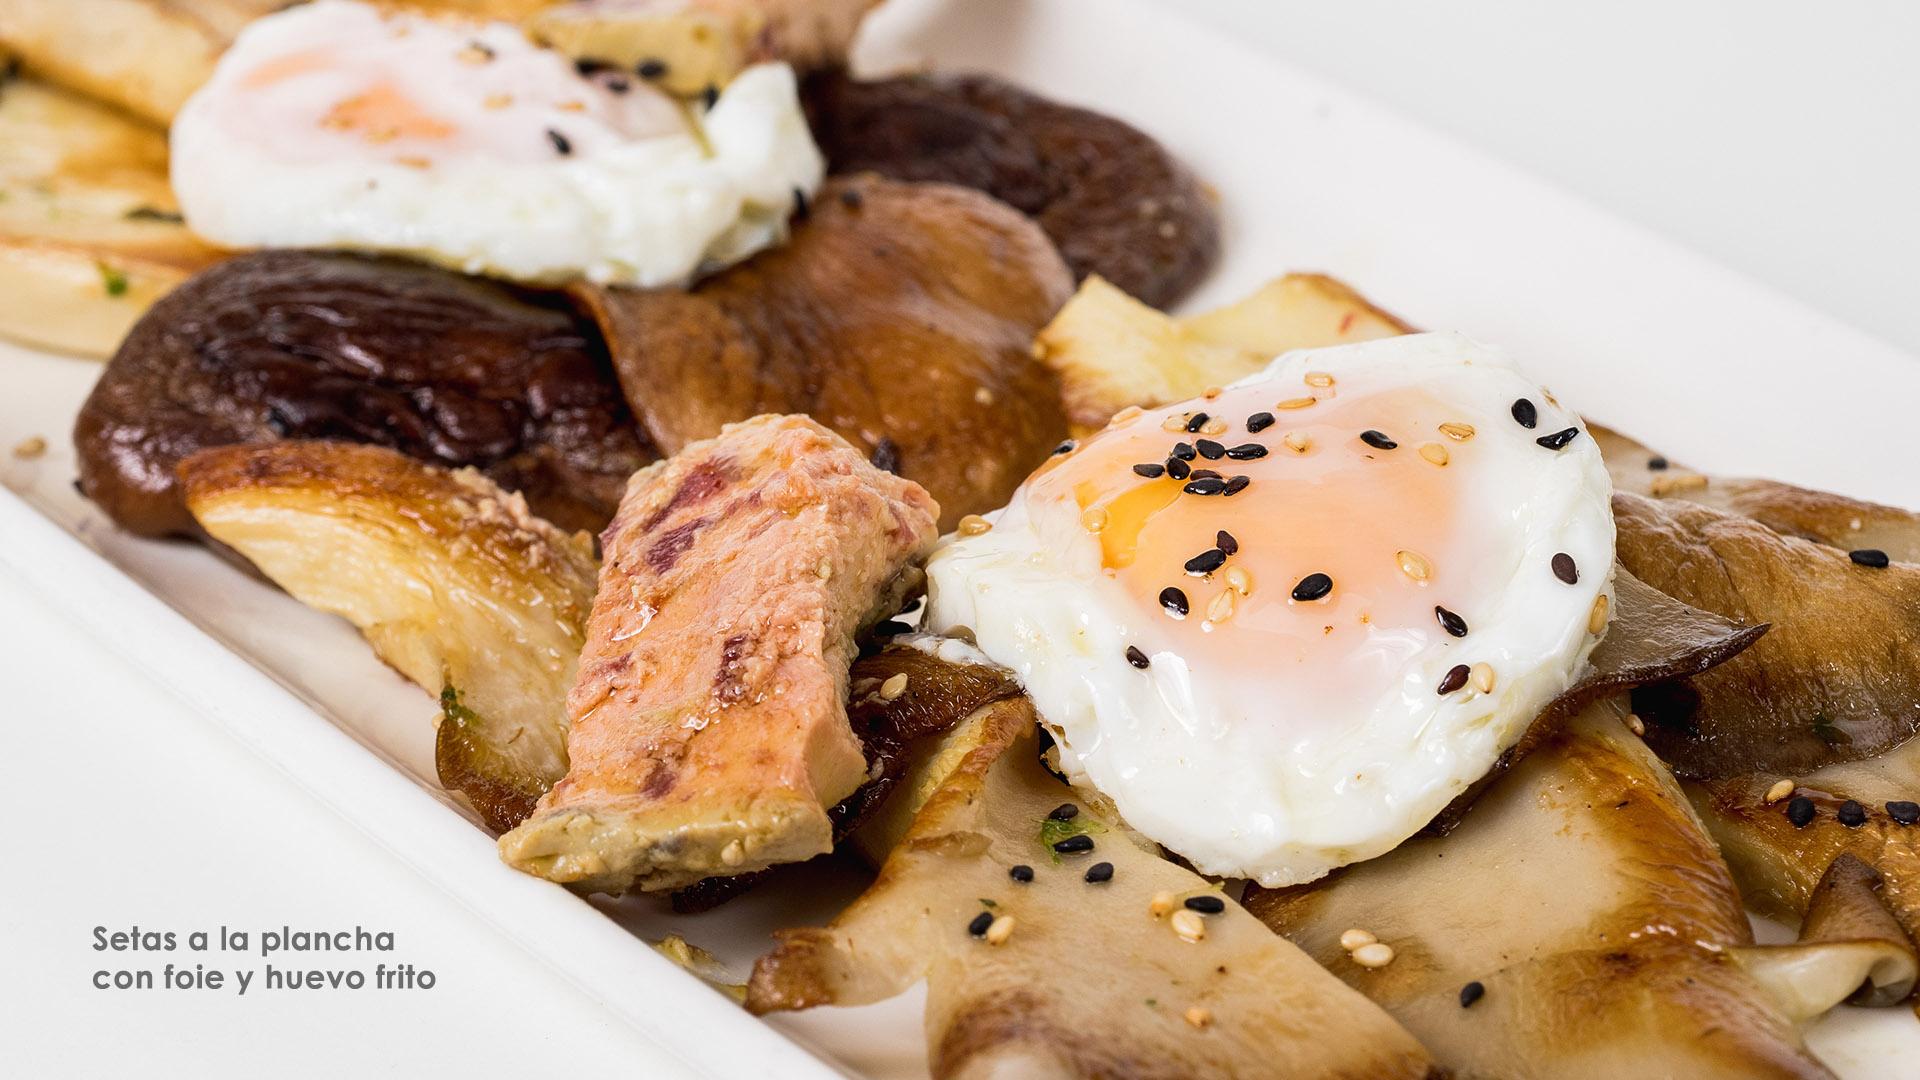 Setas a la plancha con foie y huevo frito